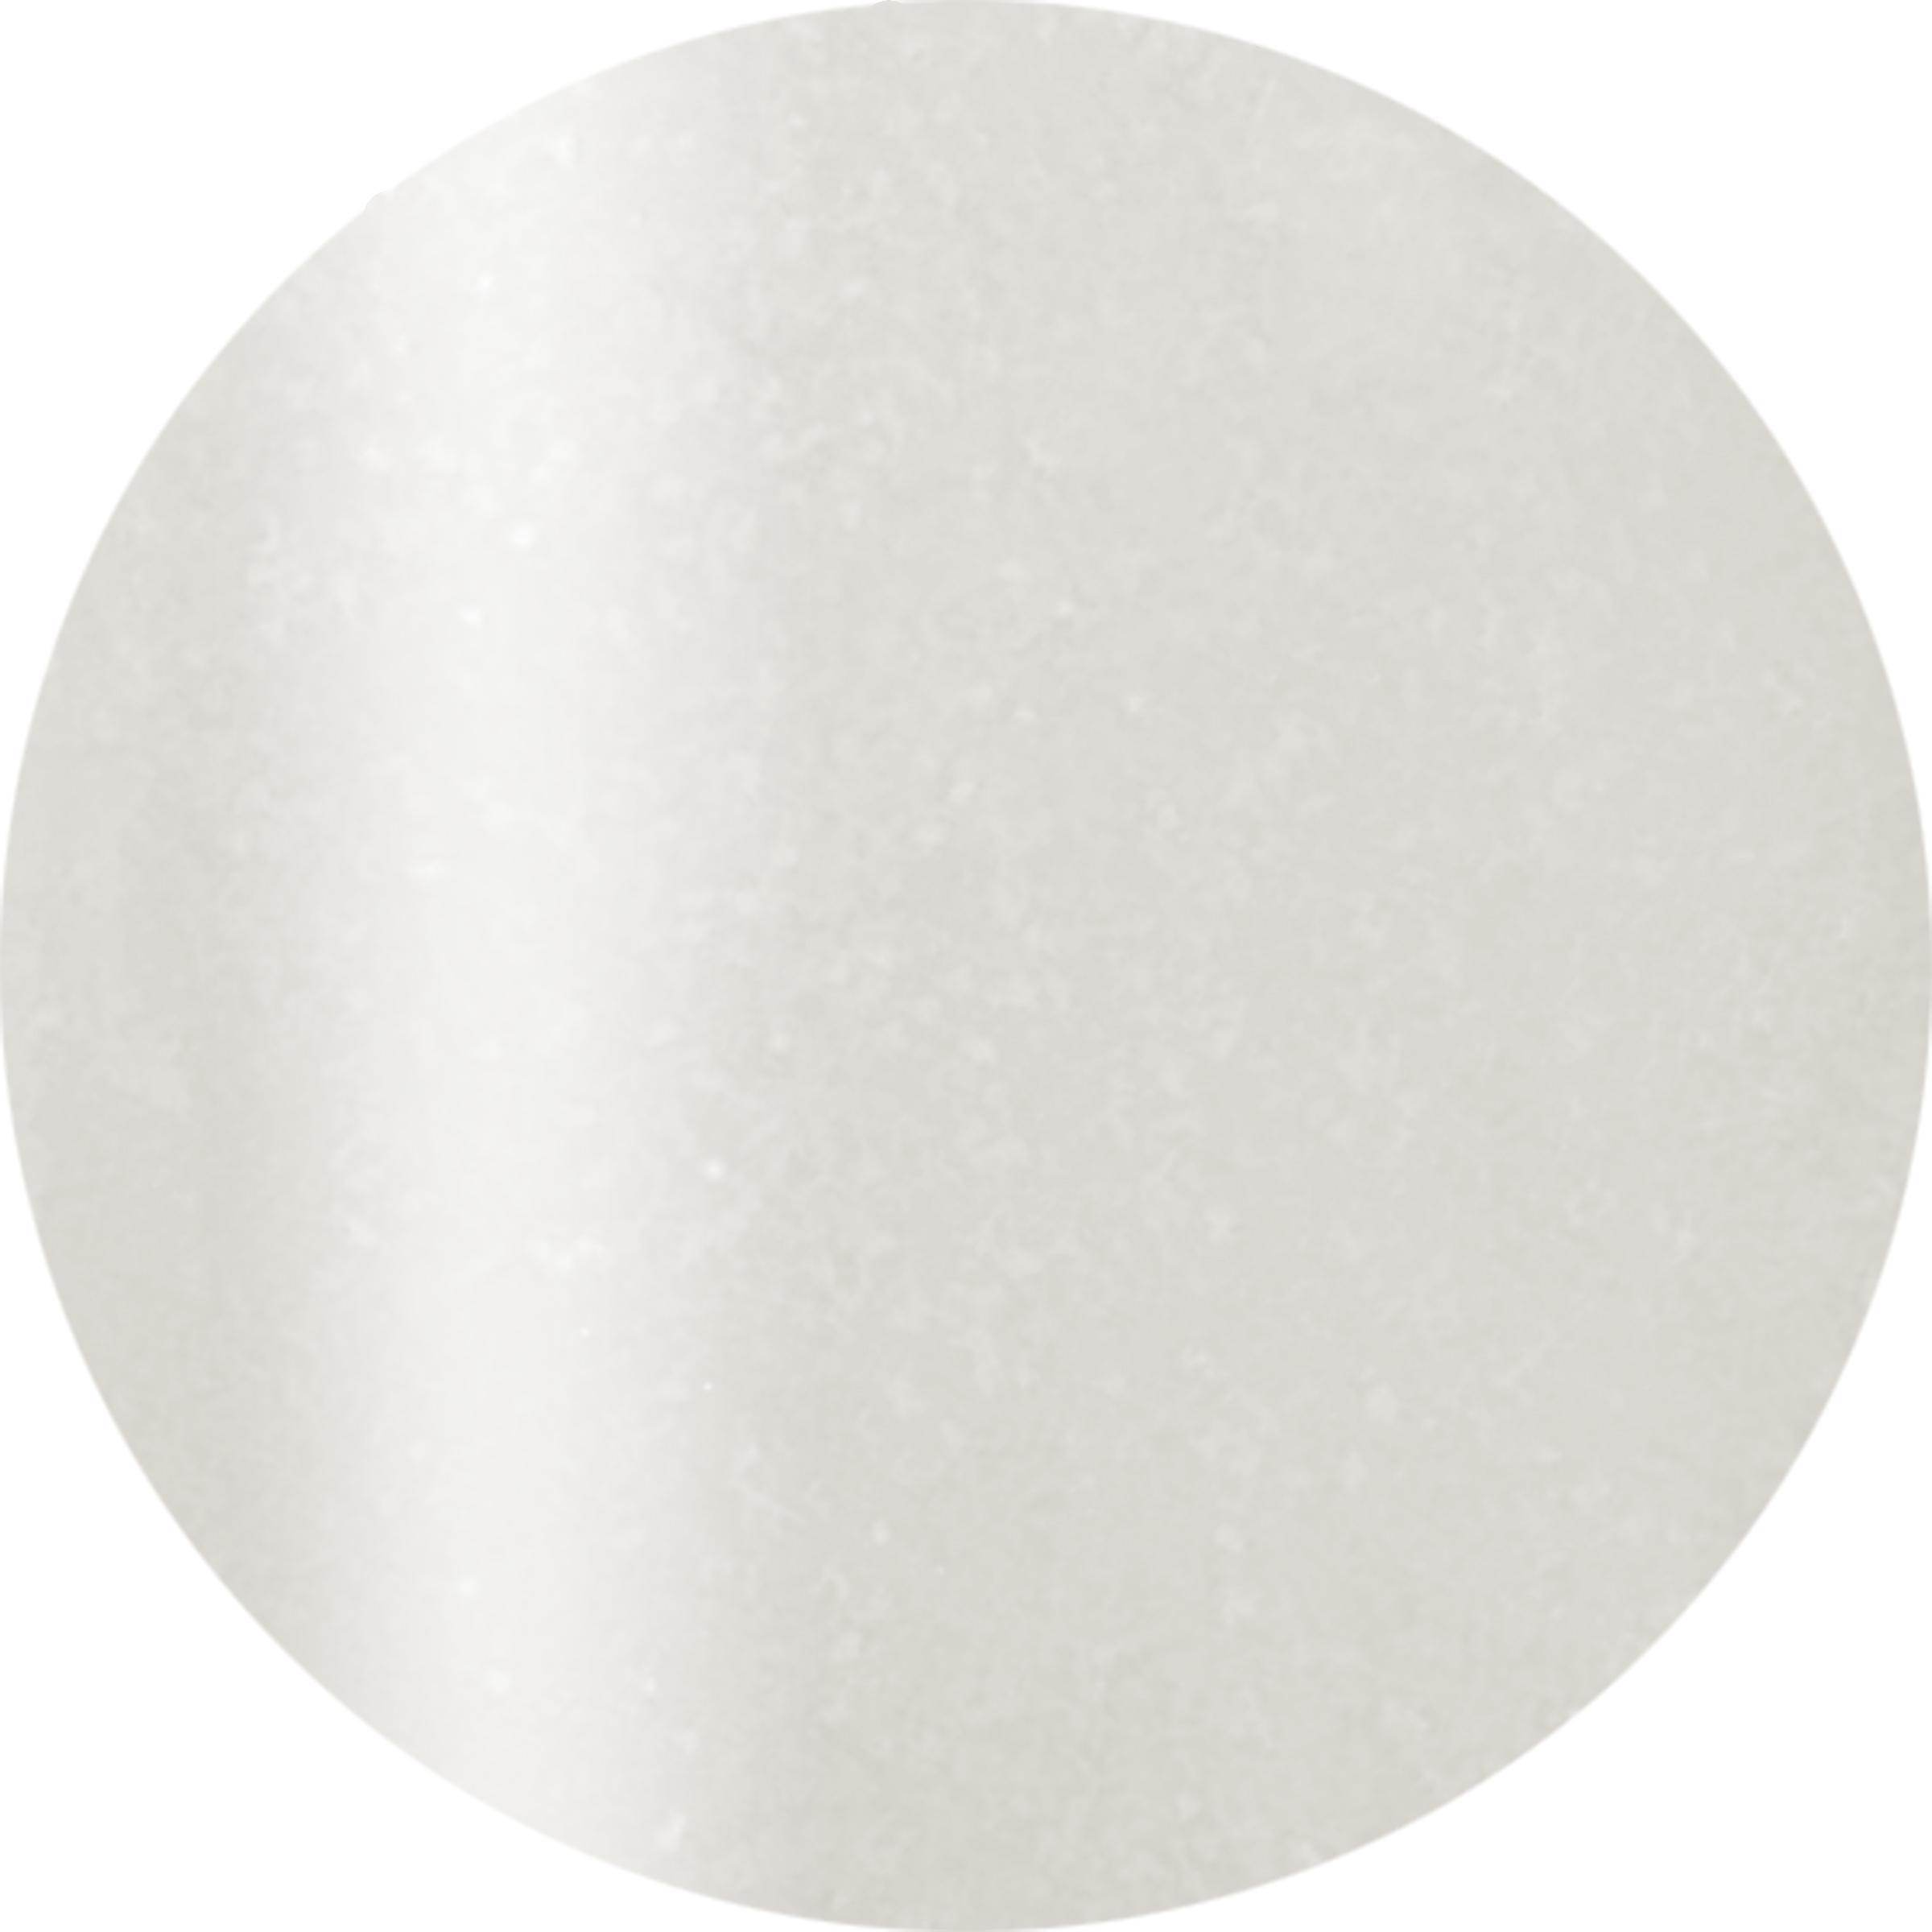 CGP04GY カラーカルジェル プラス グレイッシュパール 2.5g